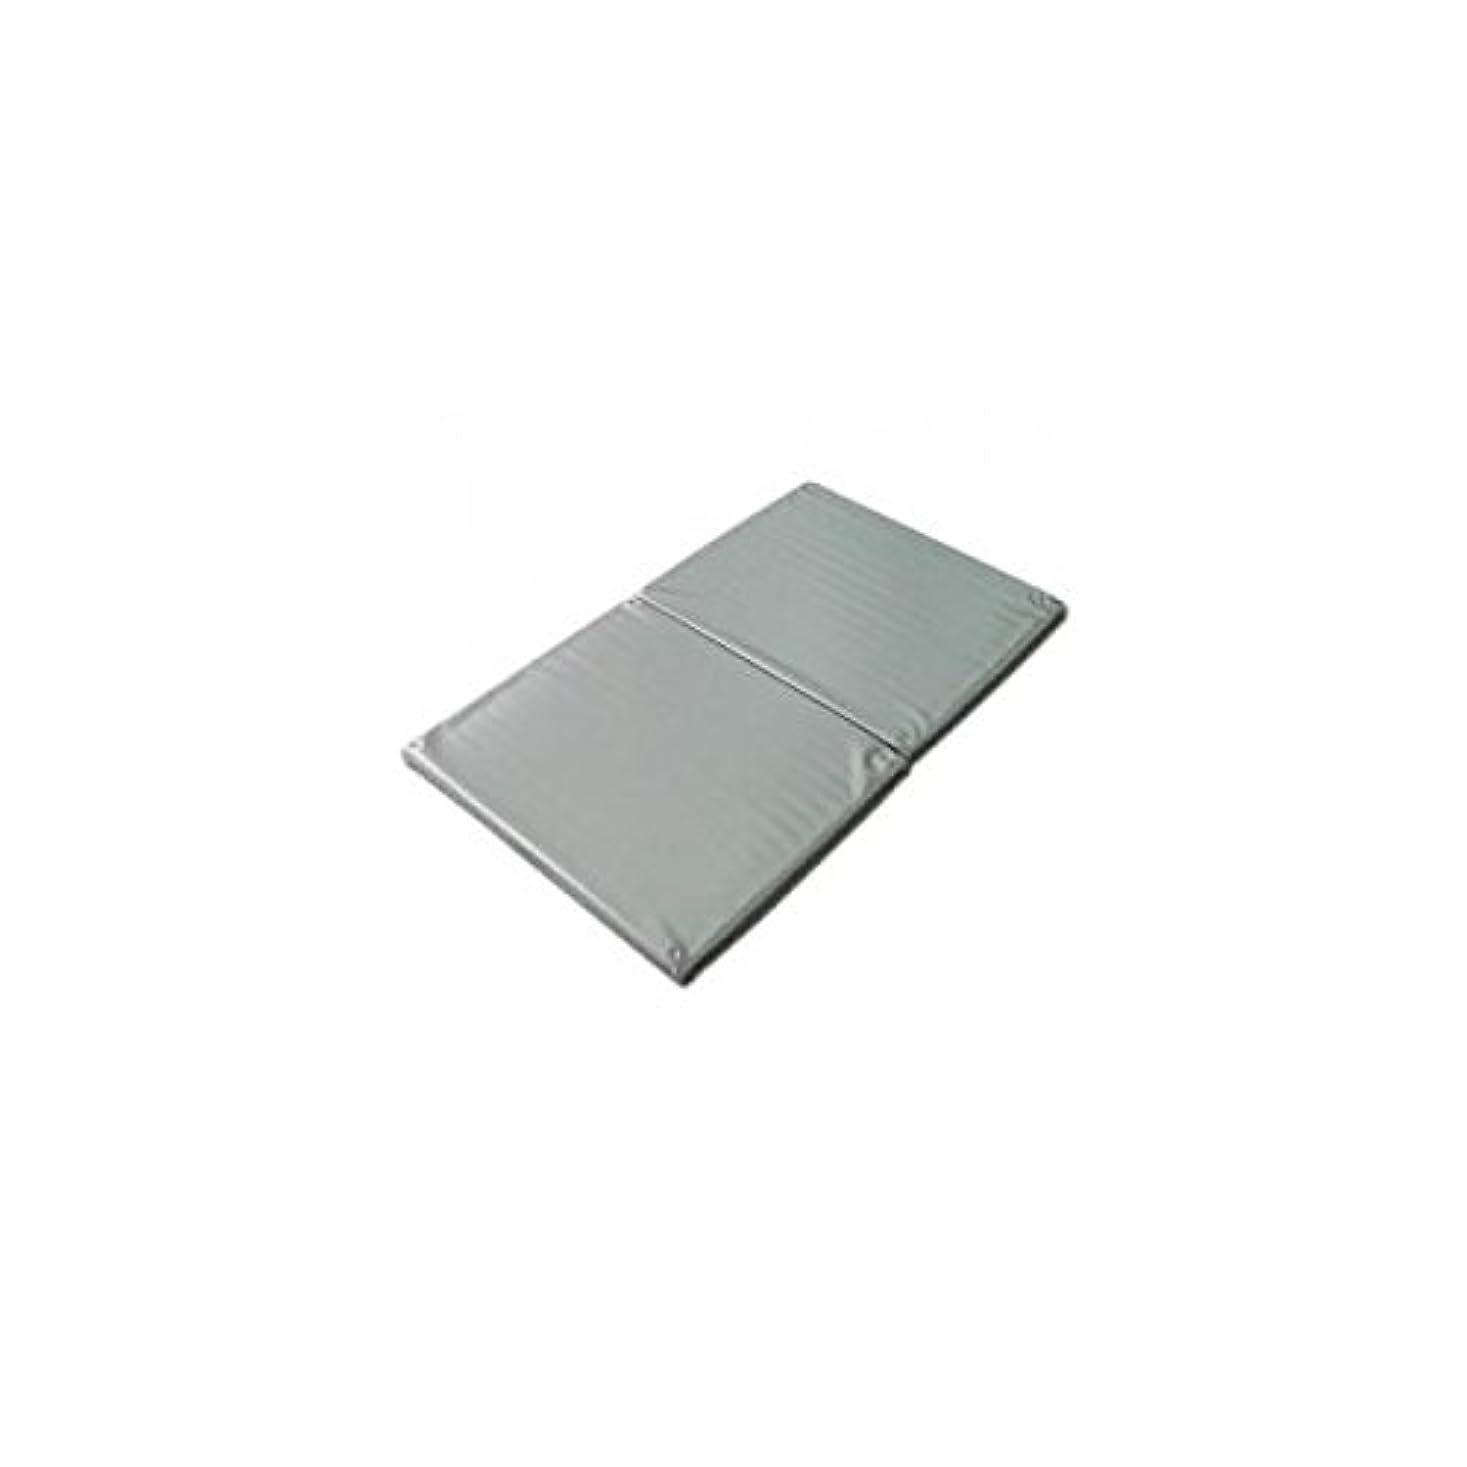 ペインチャペルキラウエア山ヨックお風呂のマッサージ用マットP(2ツ折)シルバー 120×70cm│防水マッサージマット ポリエチレン製